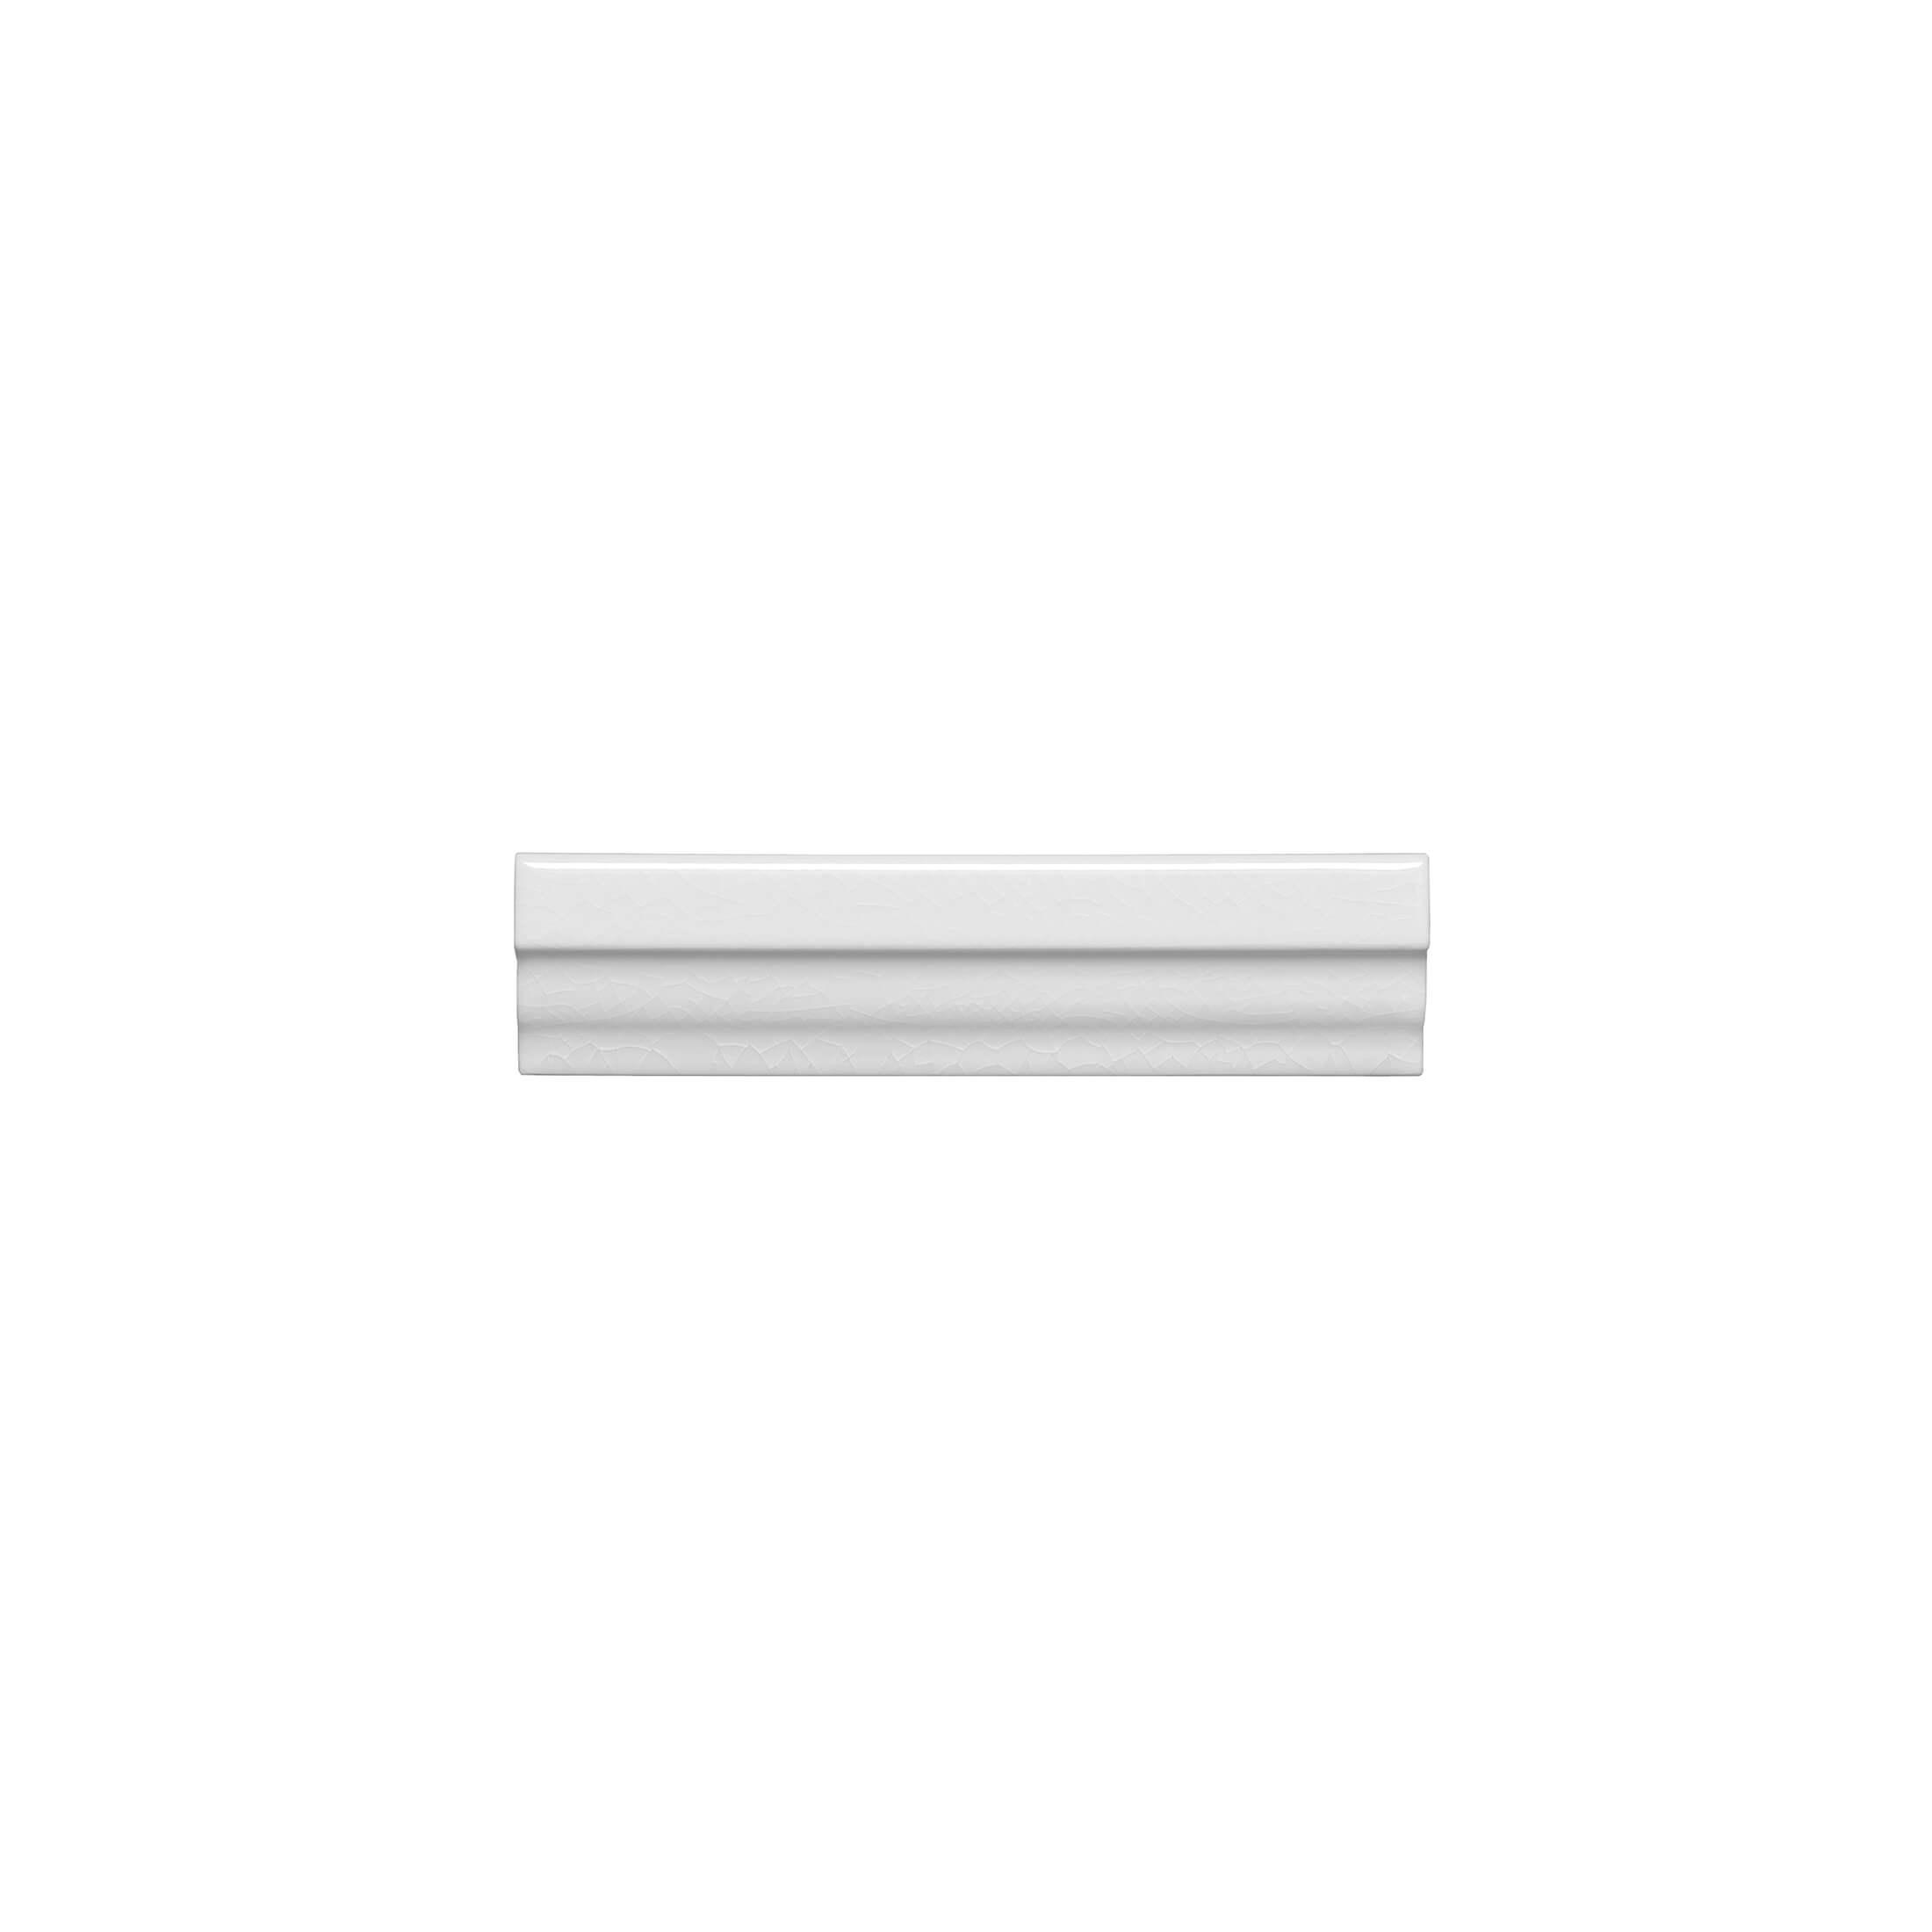 ADMO5220 - CORNISA CLASICA C/C - 3.5 cm X 15 cm